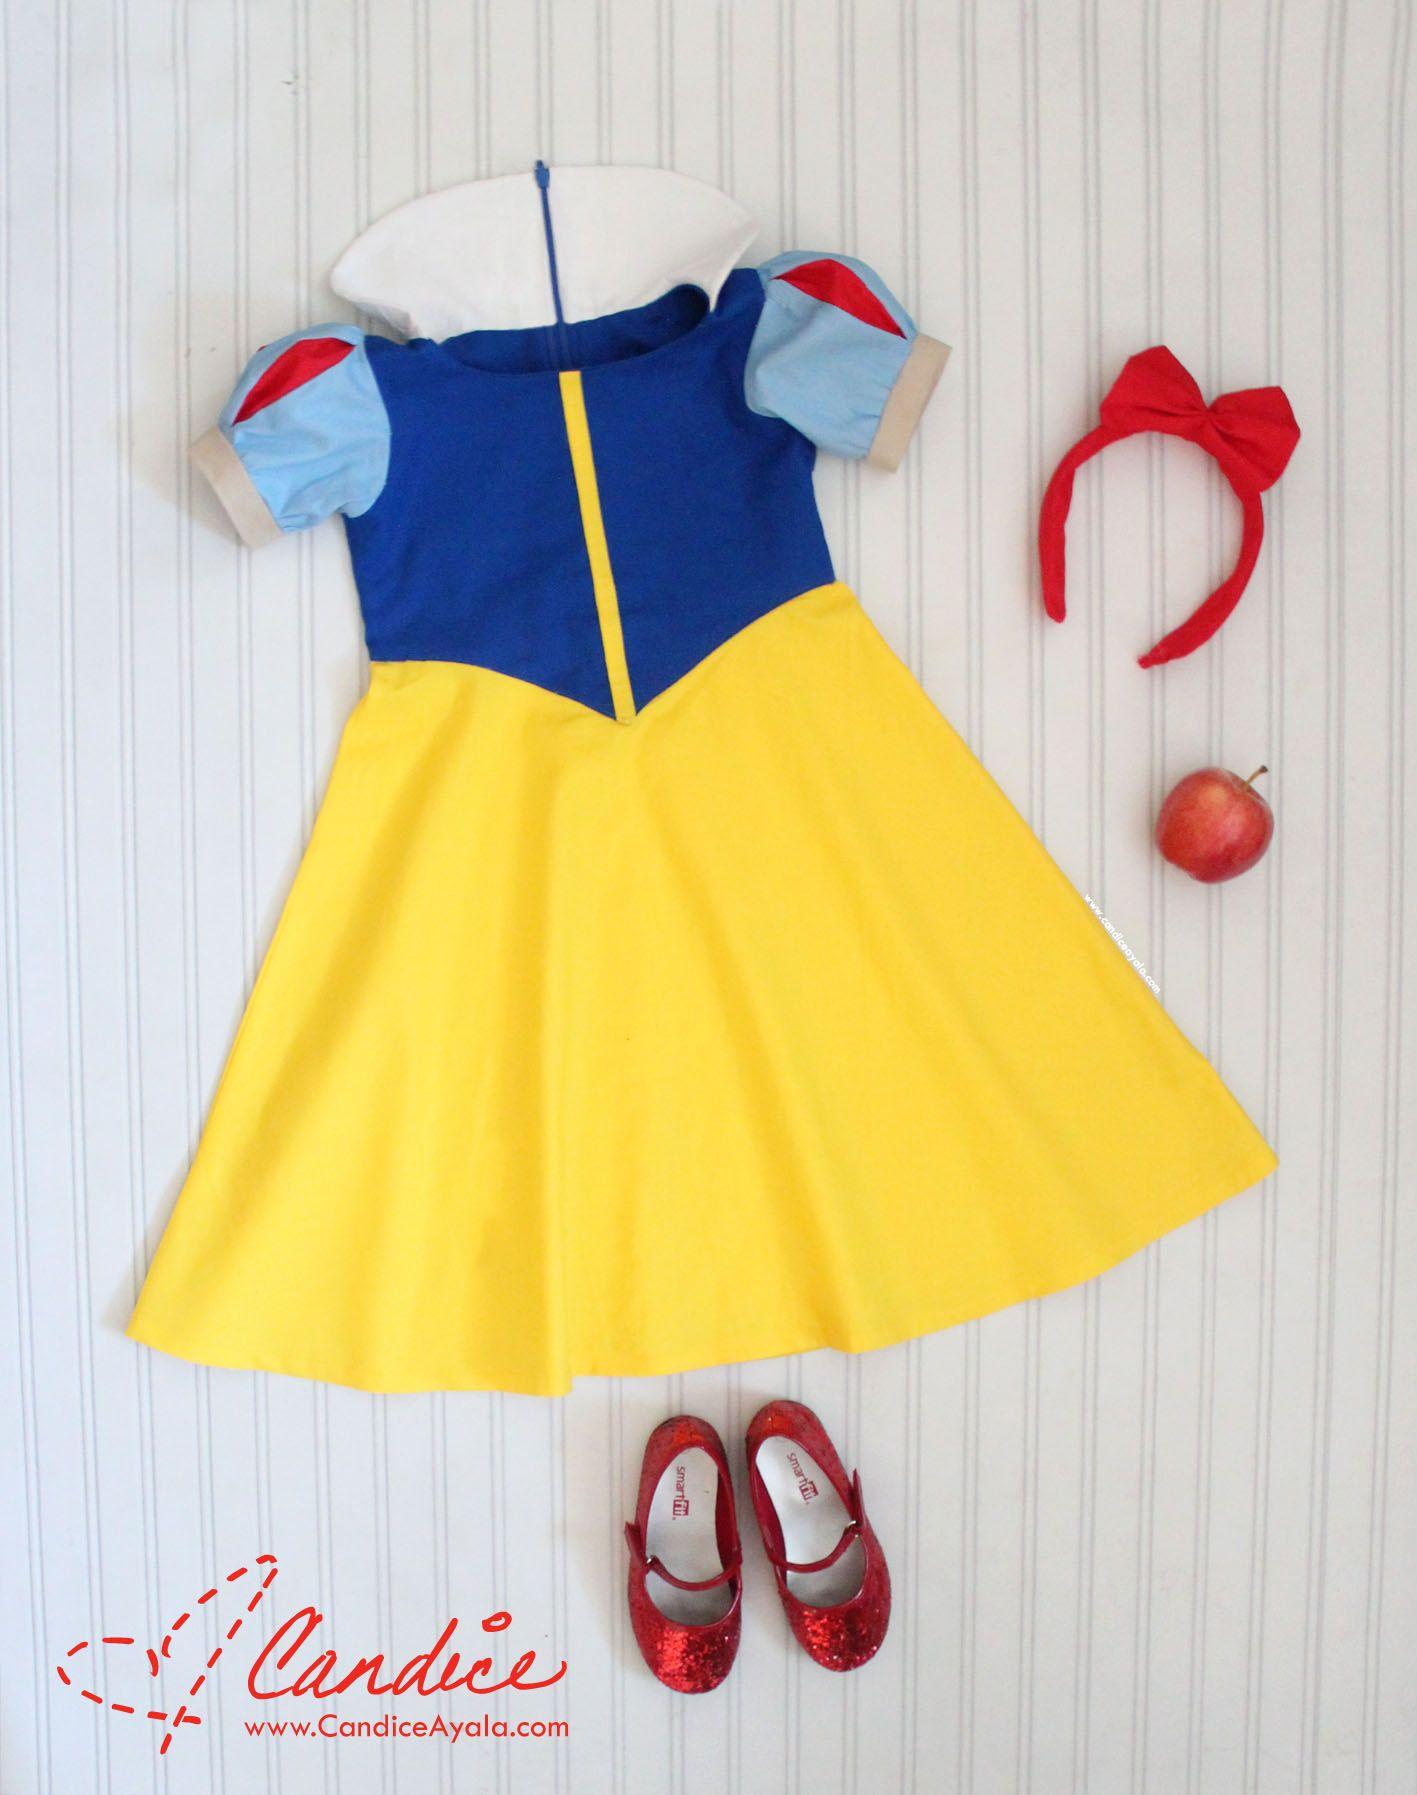 Snow White Dress DIY Diy snow white costume, Snow white